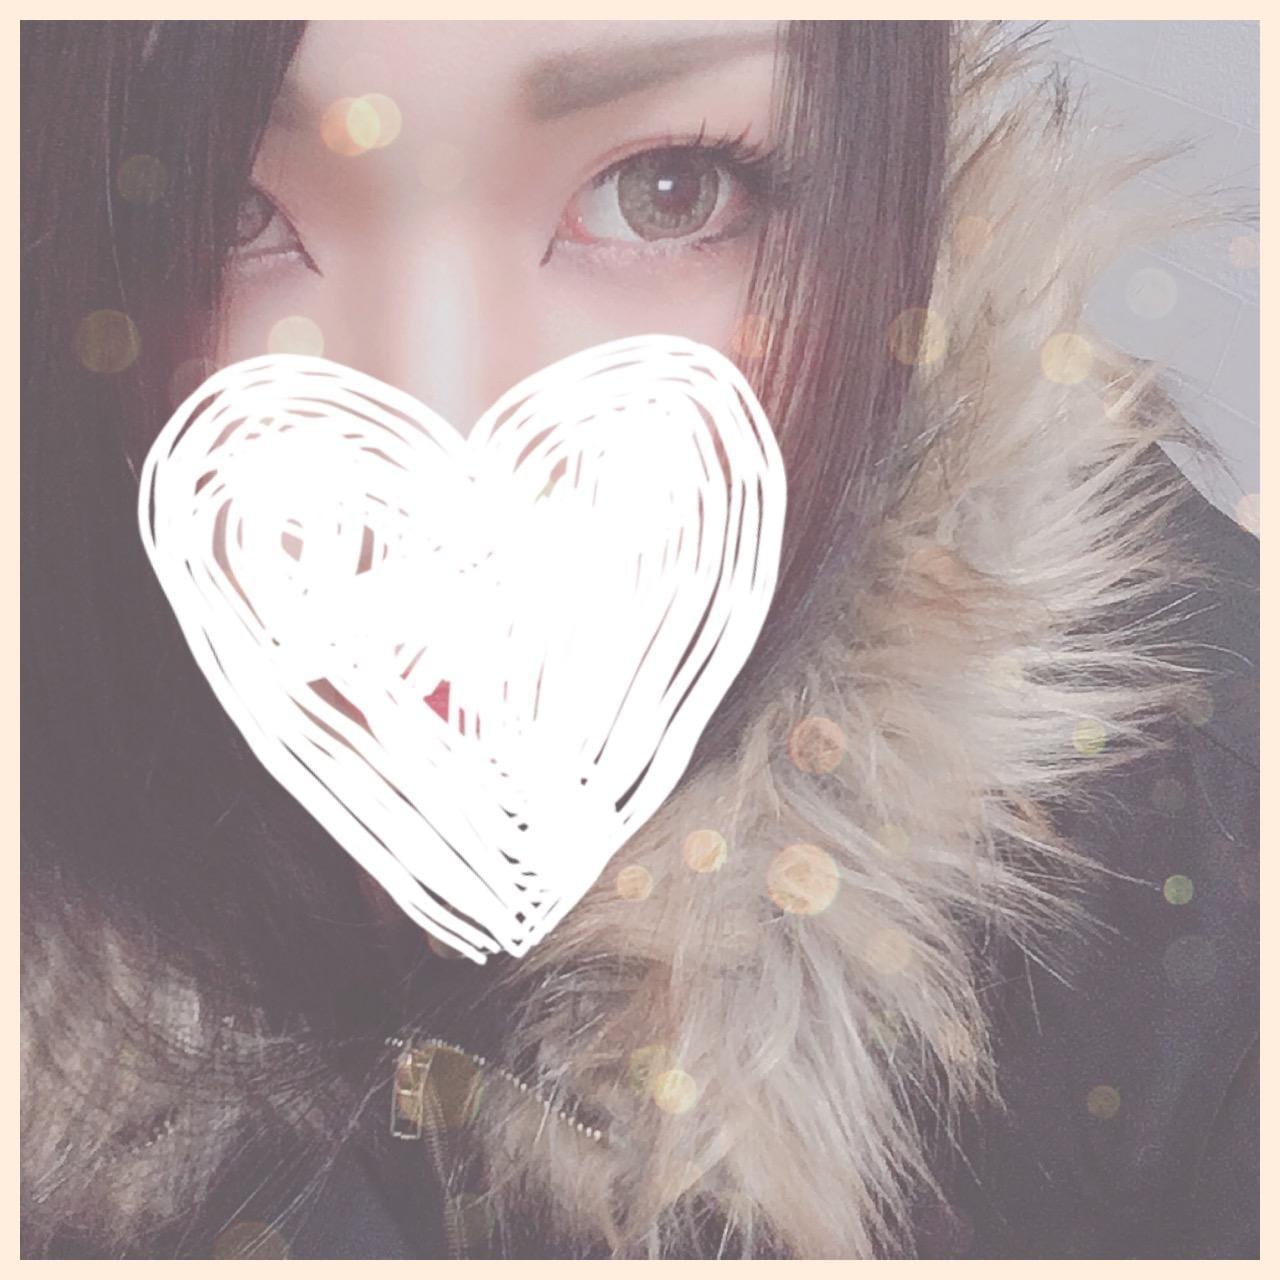 「待機中??」01/18(01/18) 01:22 | なおの写メ・風俗動画